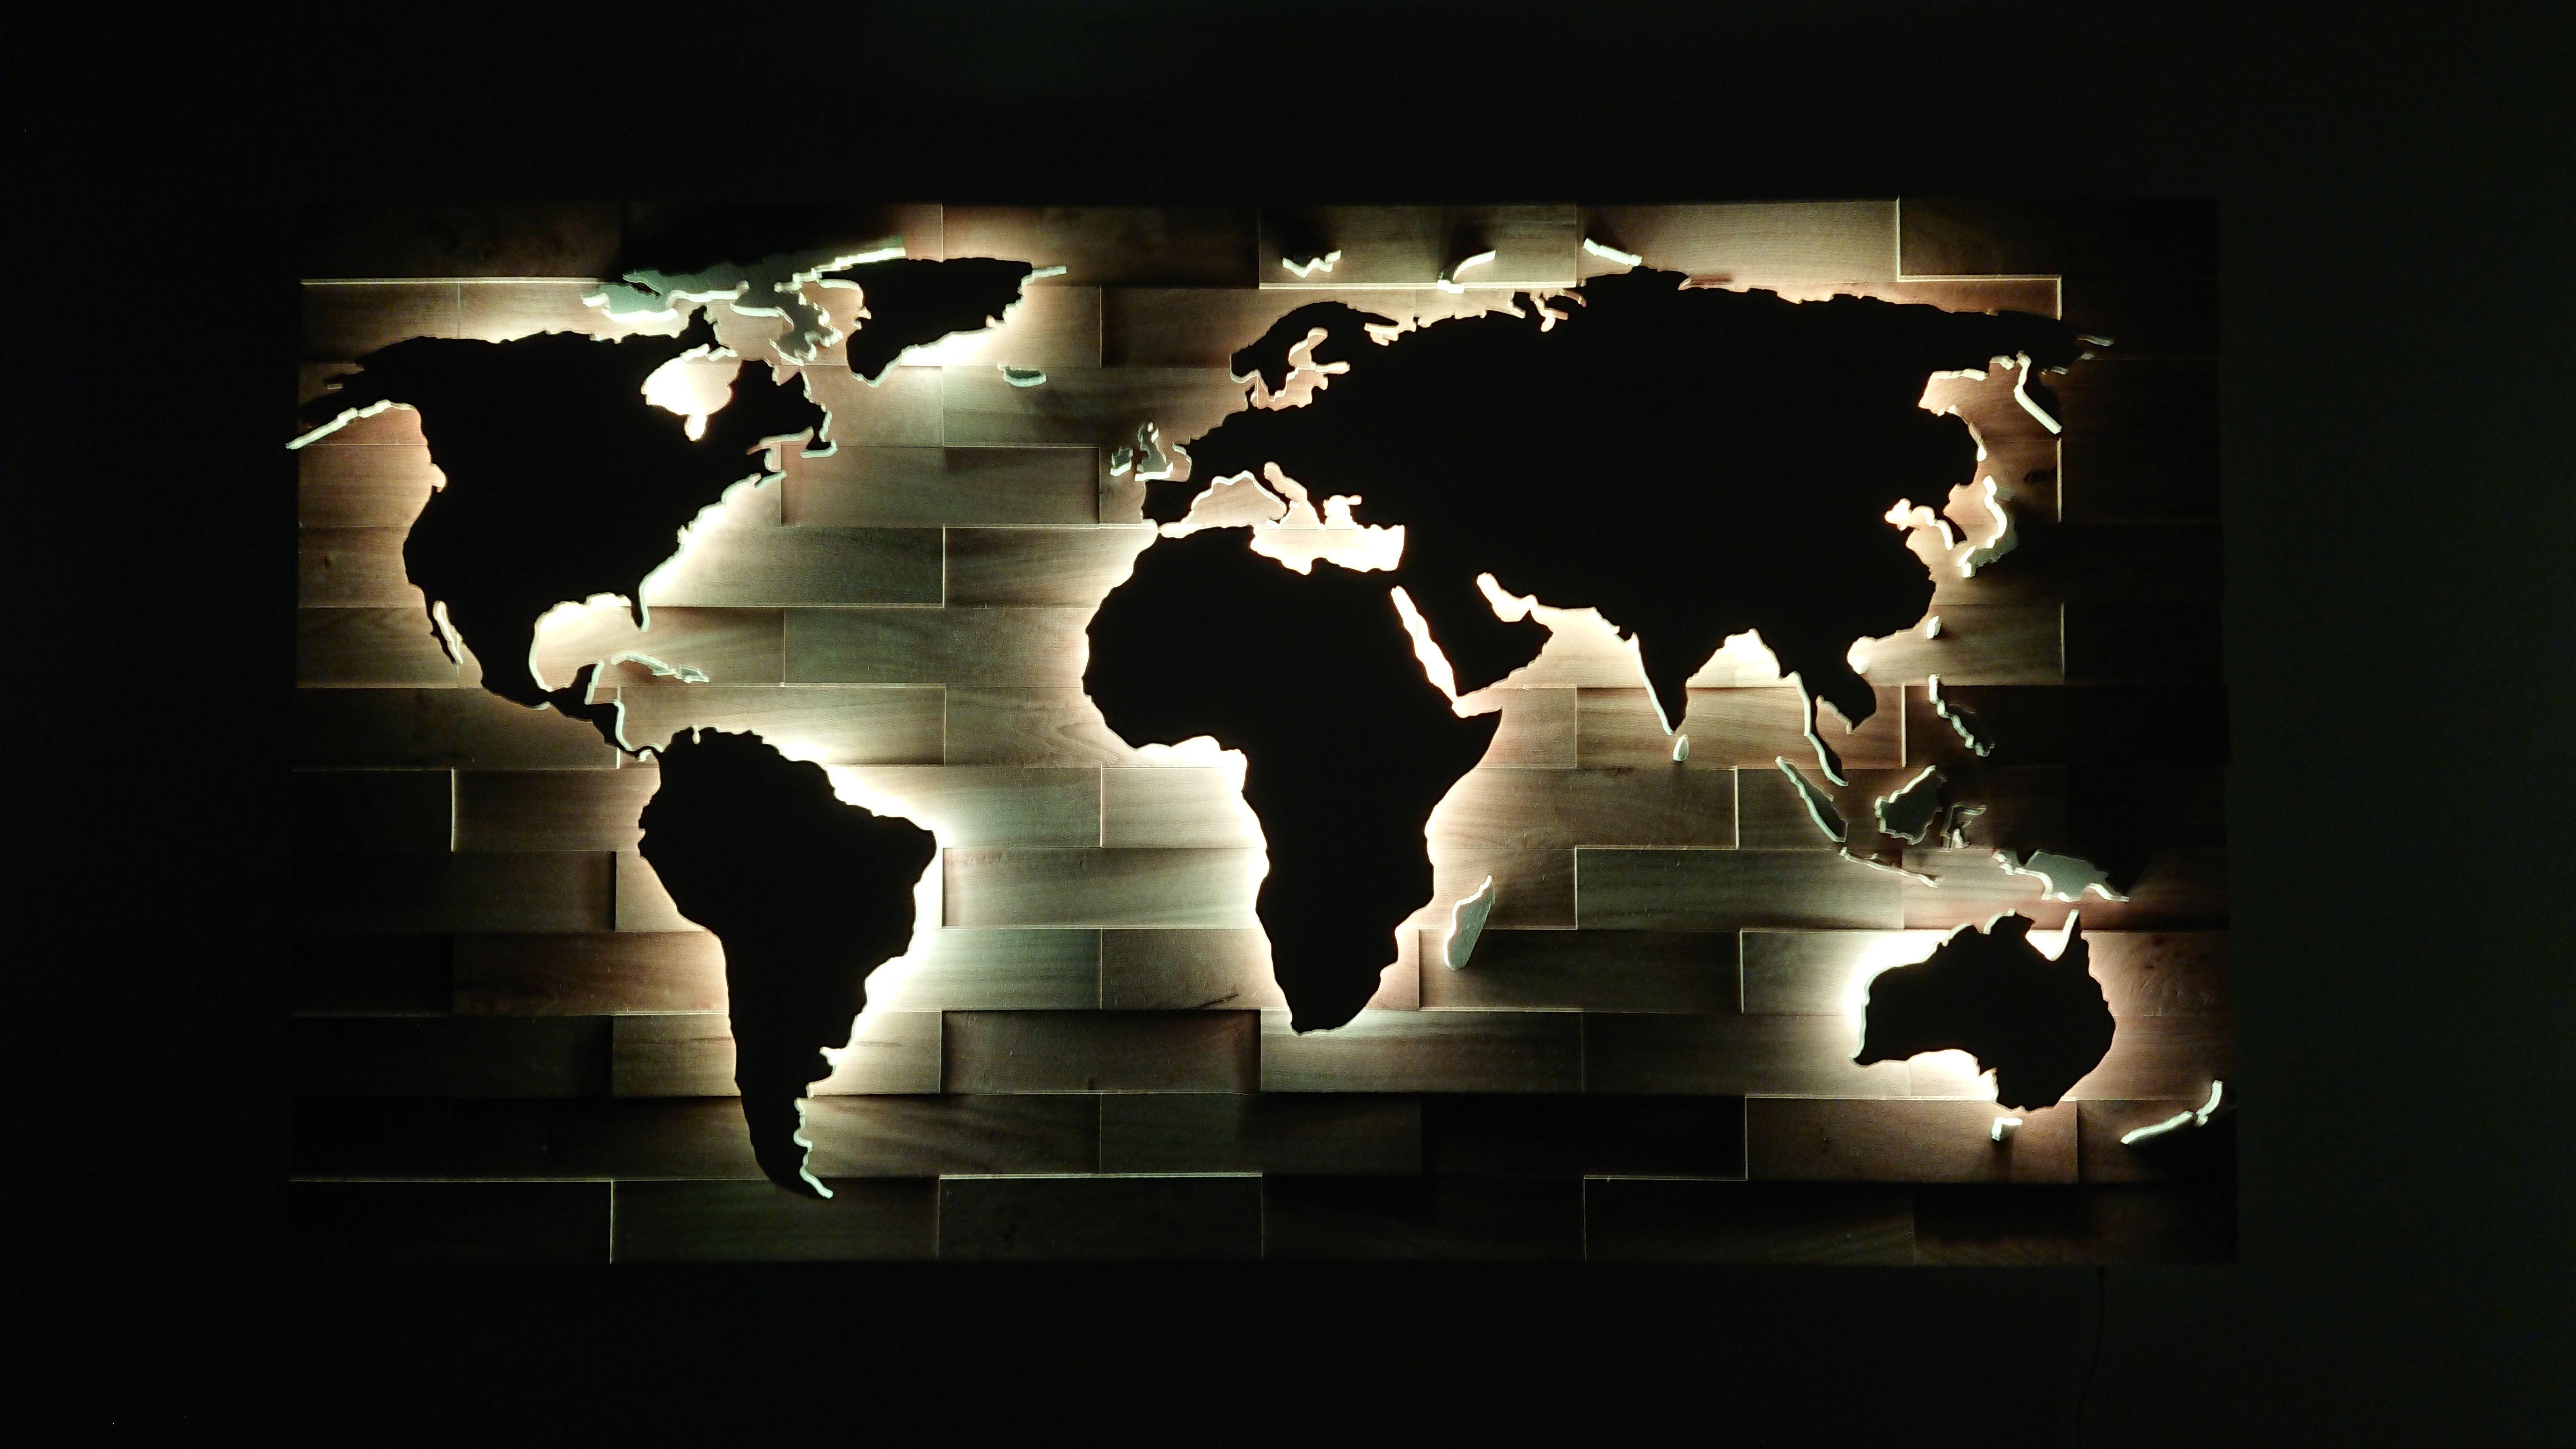 3d Weltkarte Aus Holz Mit Led Beleuchtung Die Karte Ist Wifi Fahig Und Lasst Sich Mit Einen Smartphone Steue Weltkarte Aus Holz Led Beleuchtung Eiche Rustikal